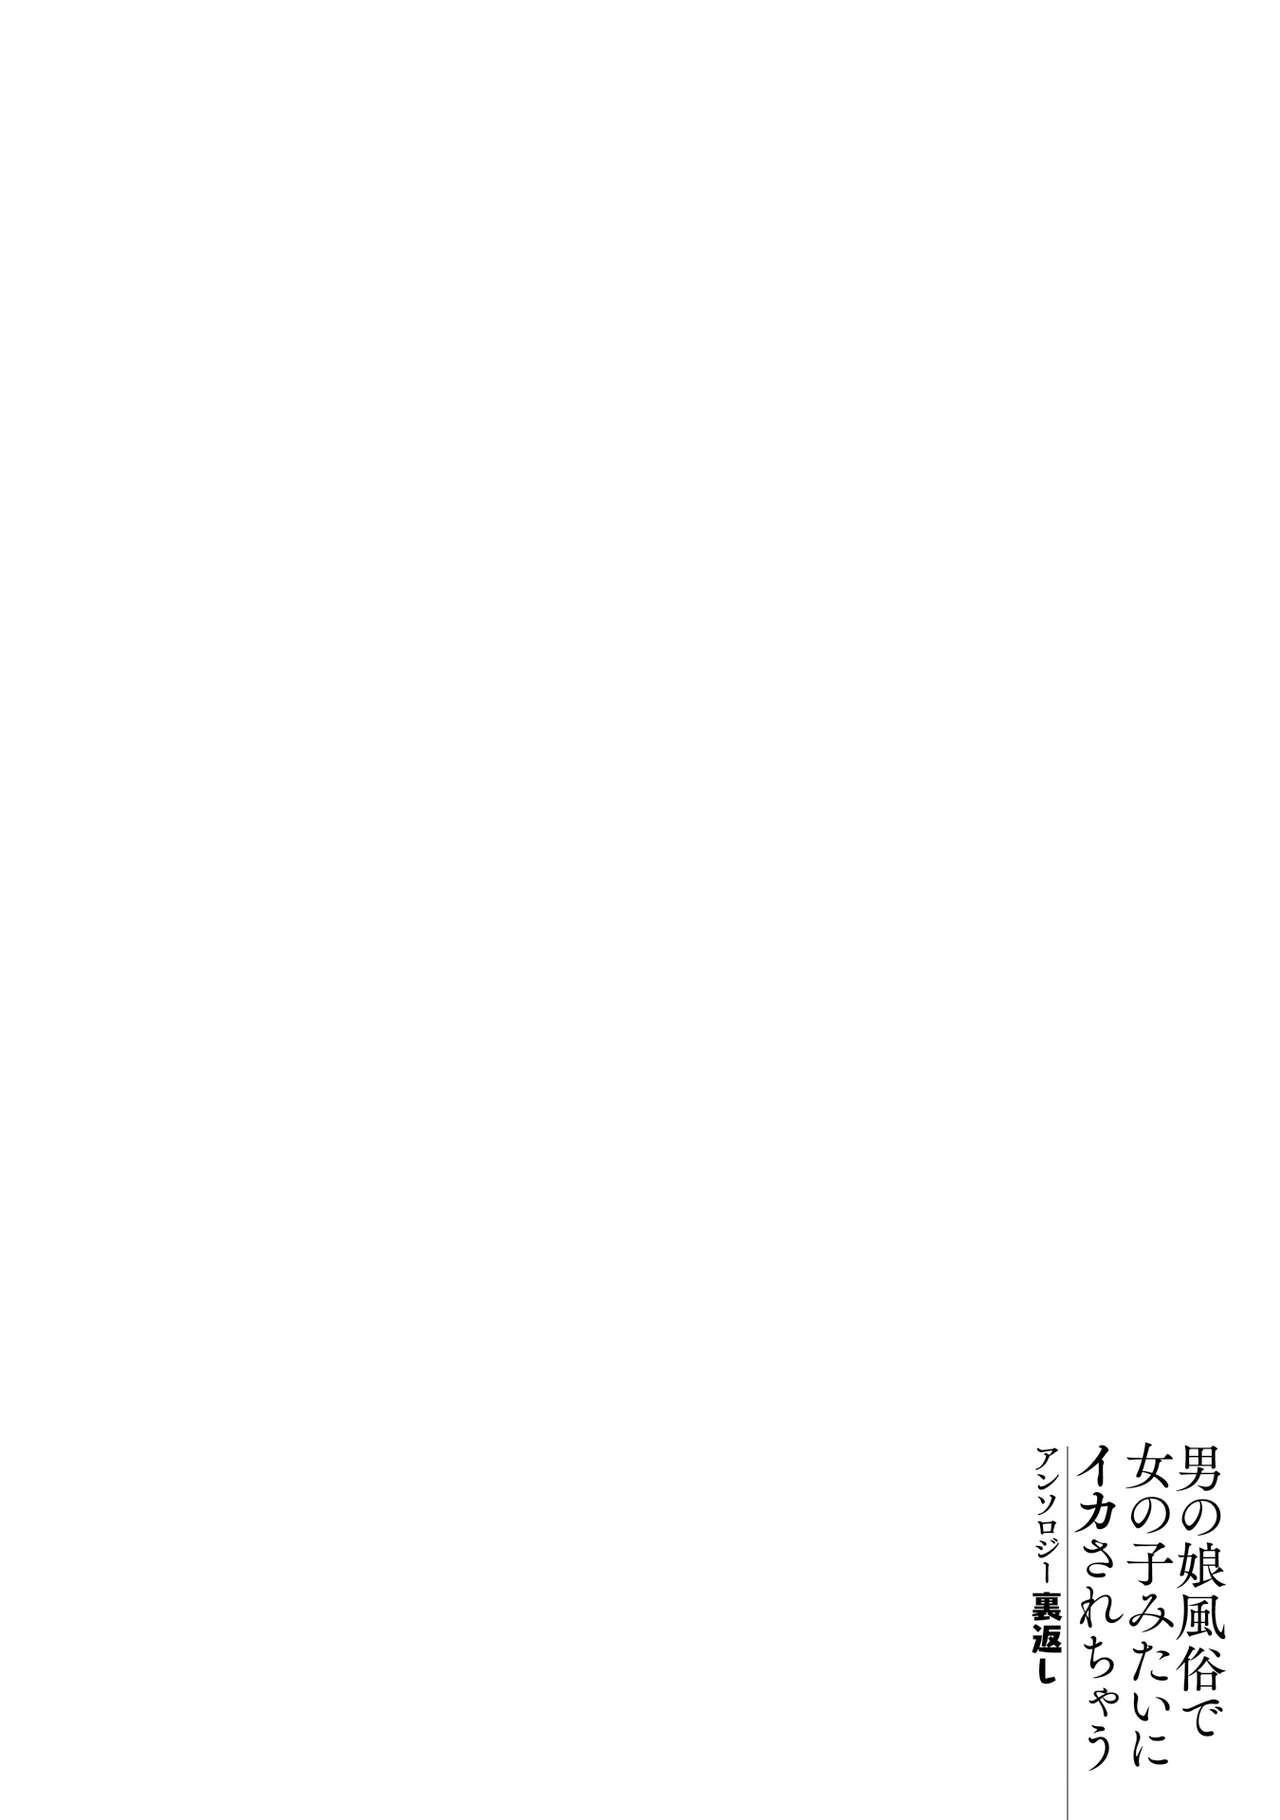 Otokonoko Fuuzoku de Onnanoko Mitai ni Ikasarechau Anthology 2 uragaeshi 51